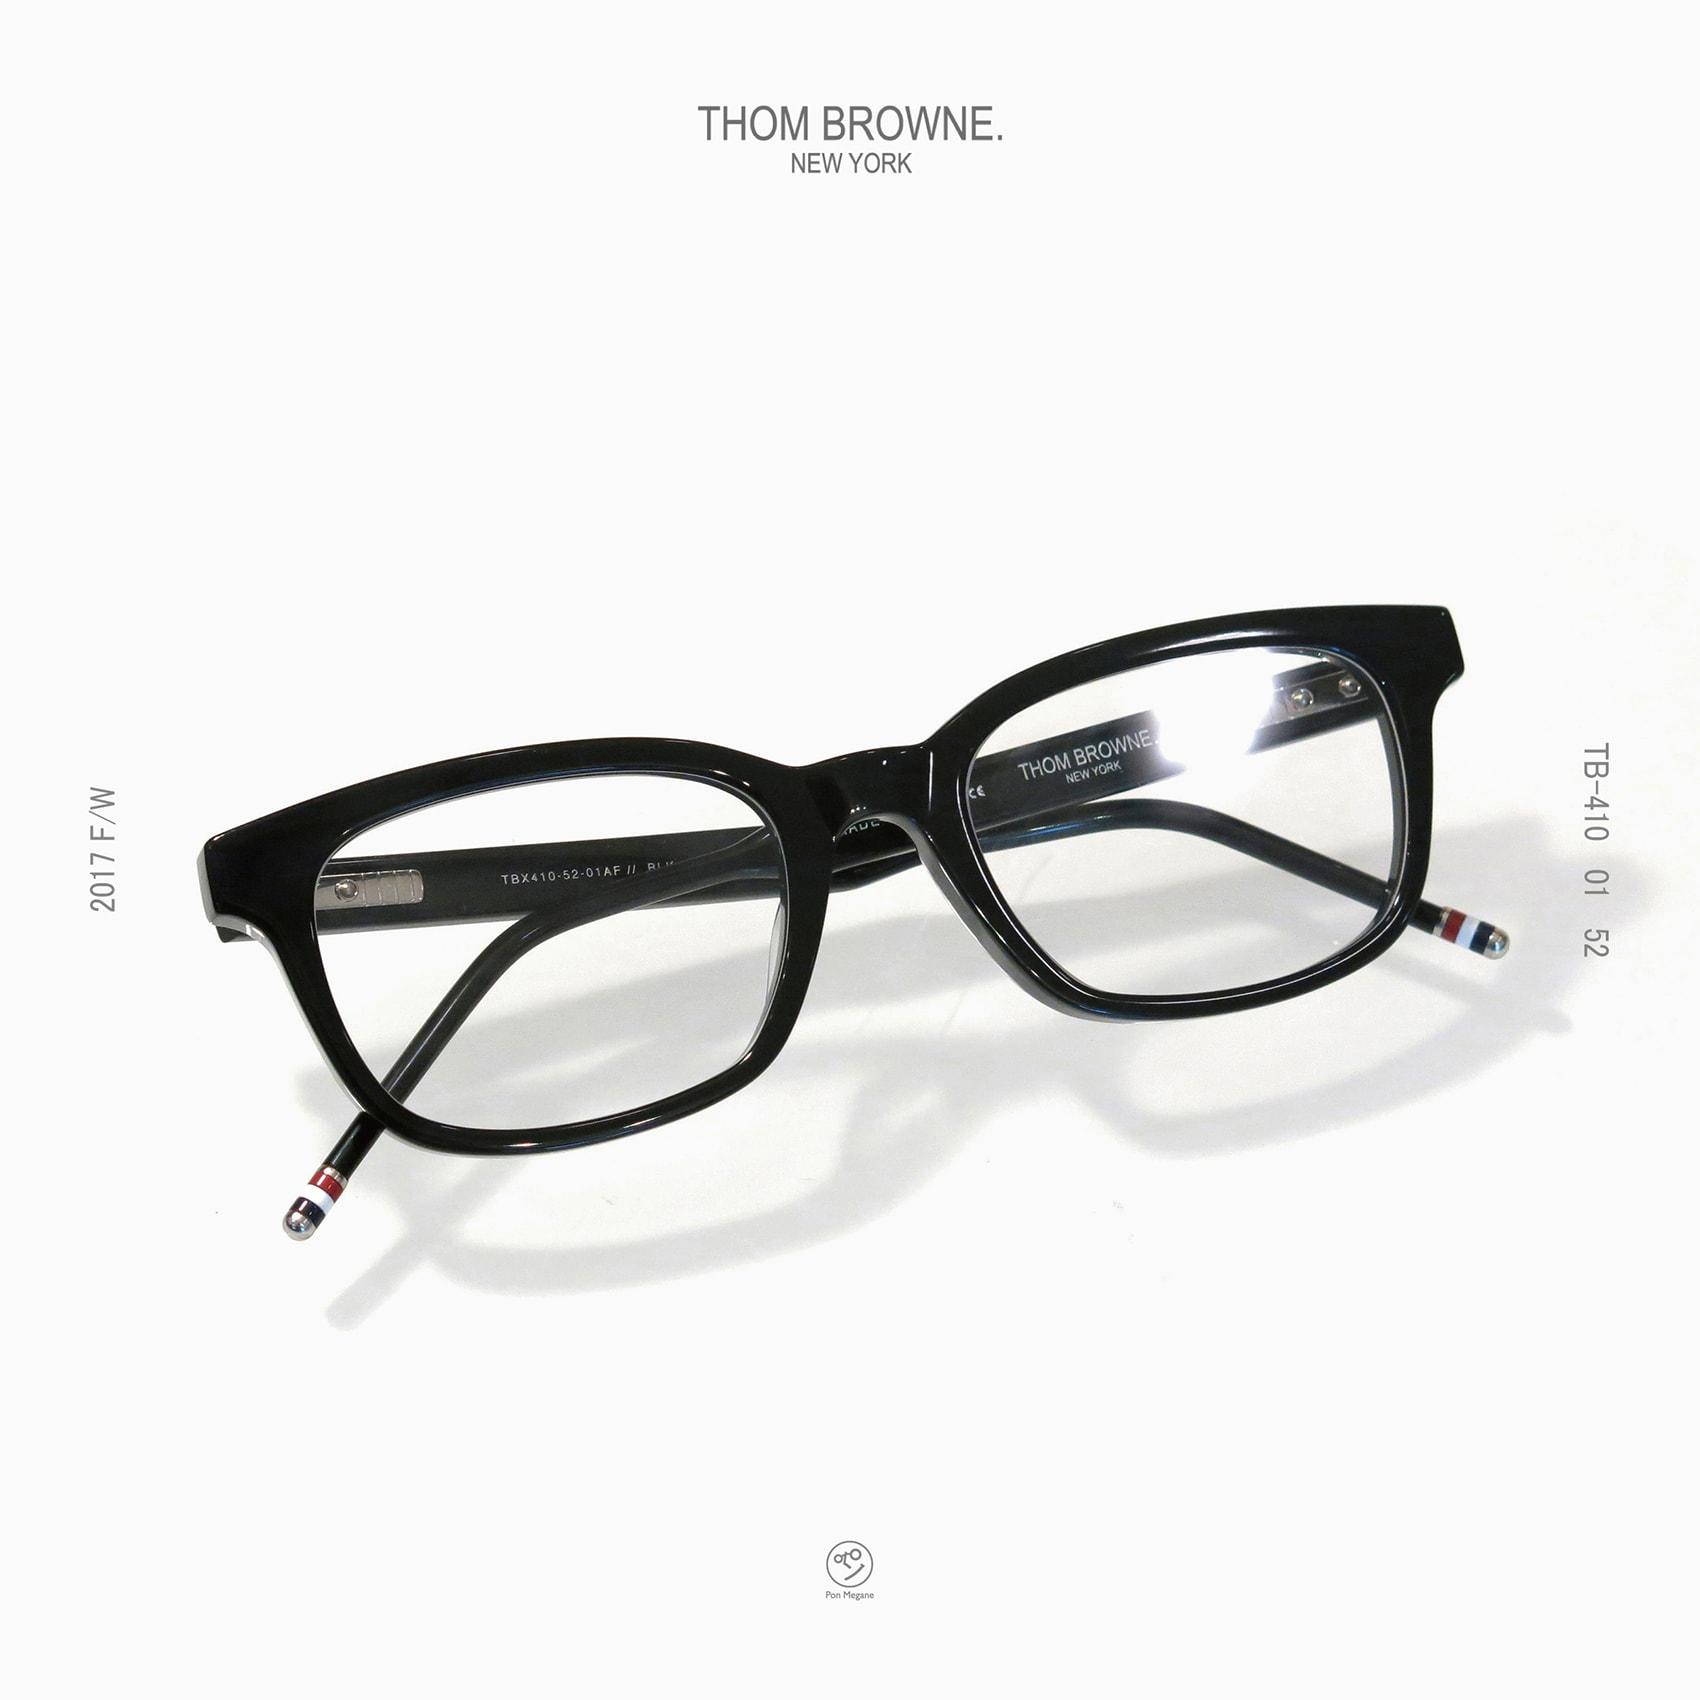 insta_thom-browne_2017fw_tb410-01